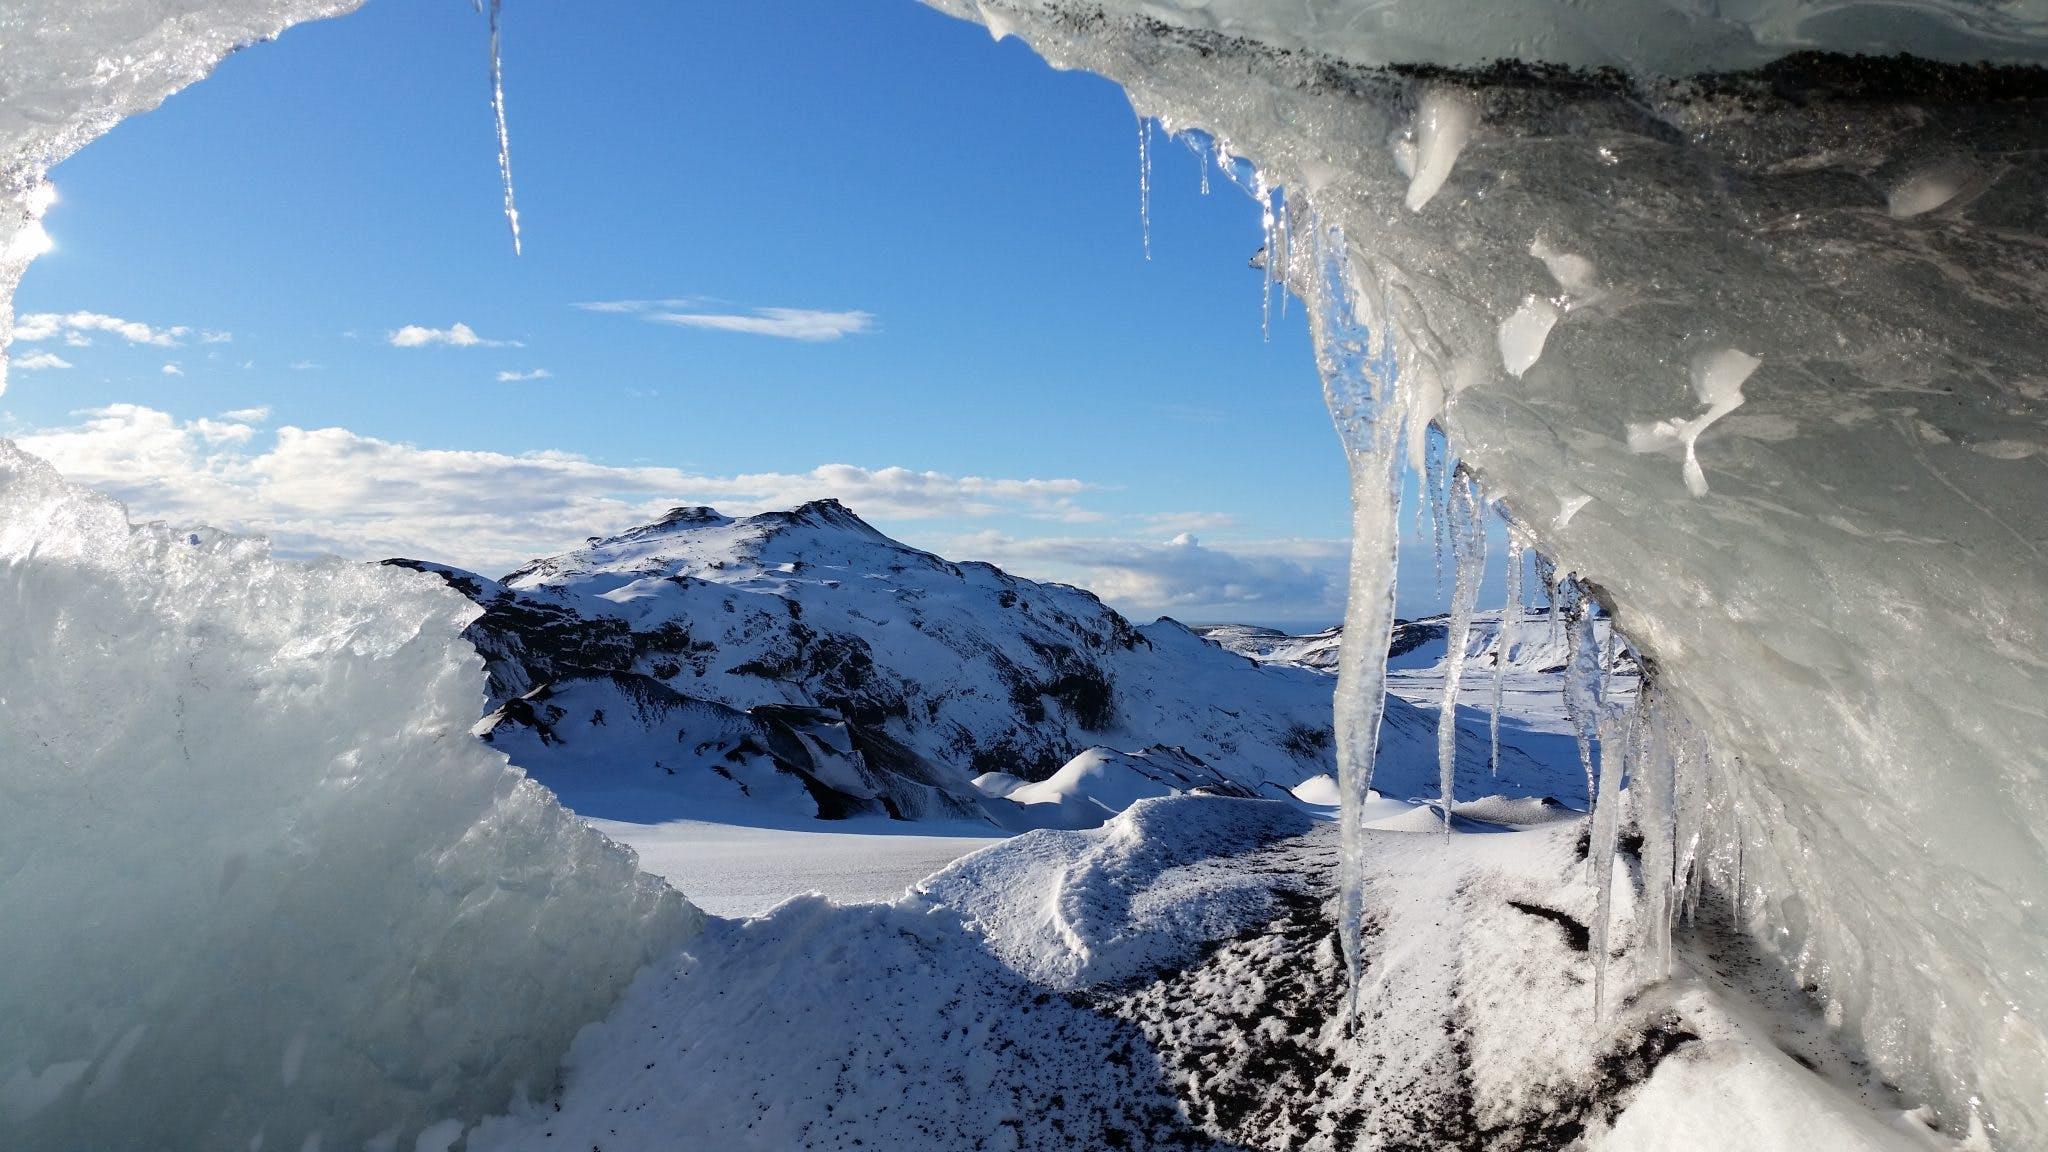 Eksploruj autentyczną jaskinię lodową na południowym wybrzeżu dzięki tej kombinacji wycieczek ze zniżkami.